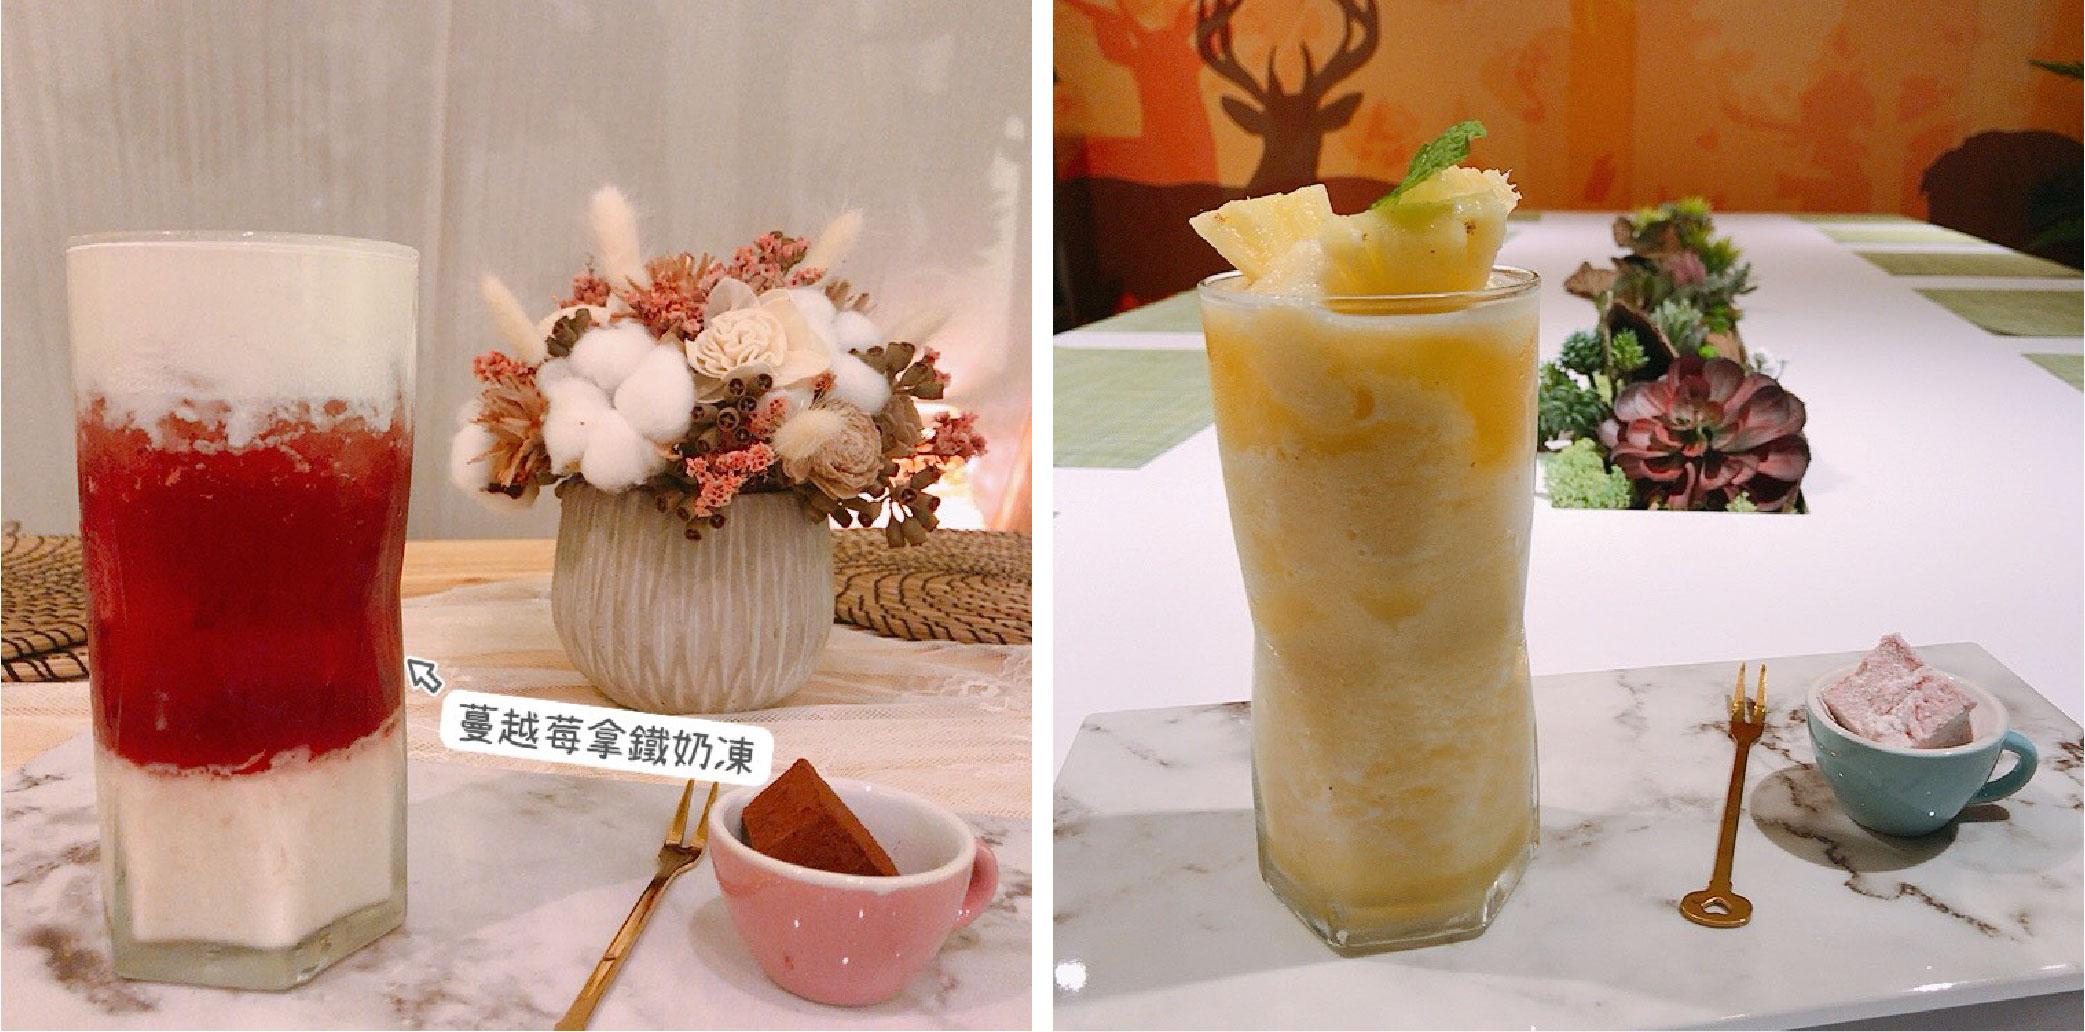 台南美食打卡餐廳飲料